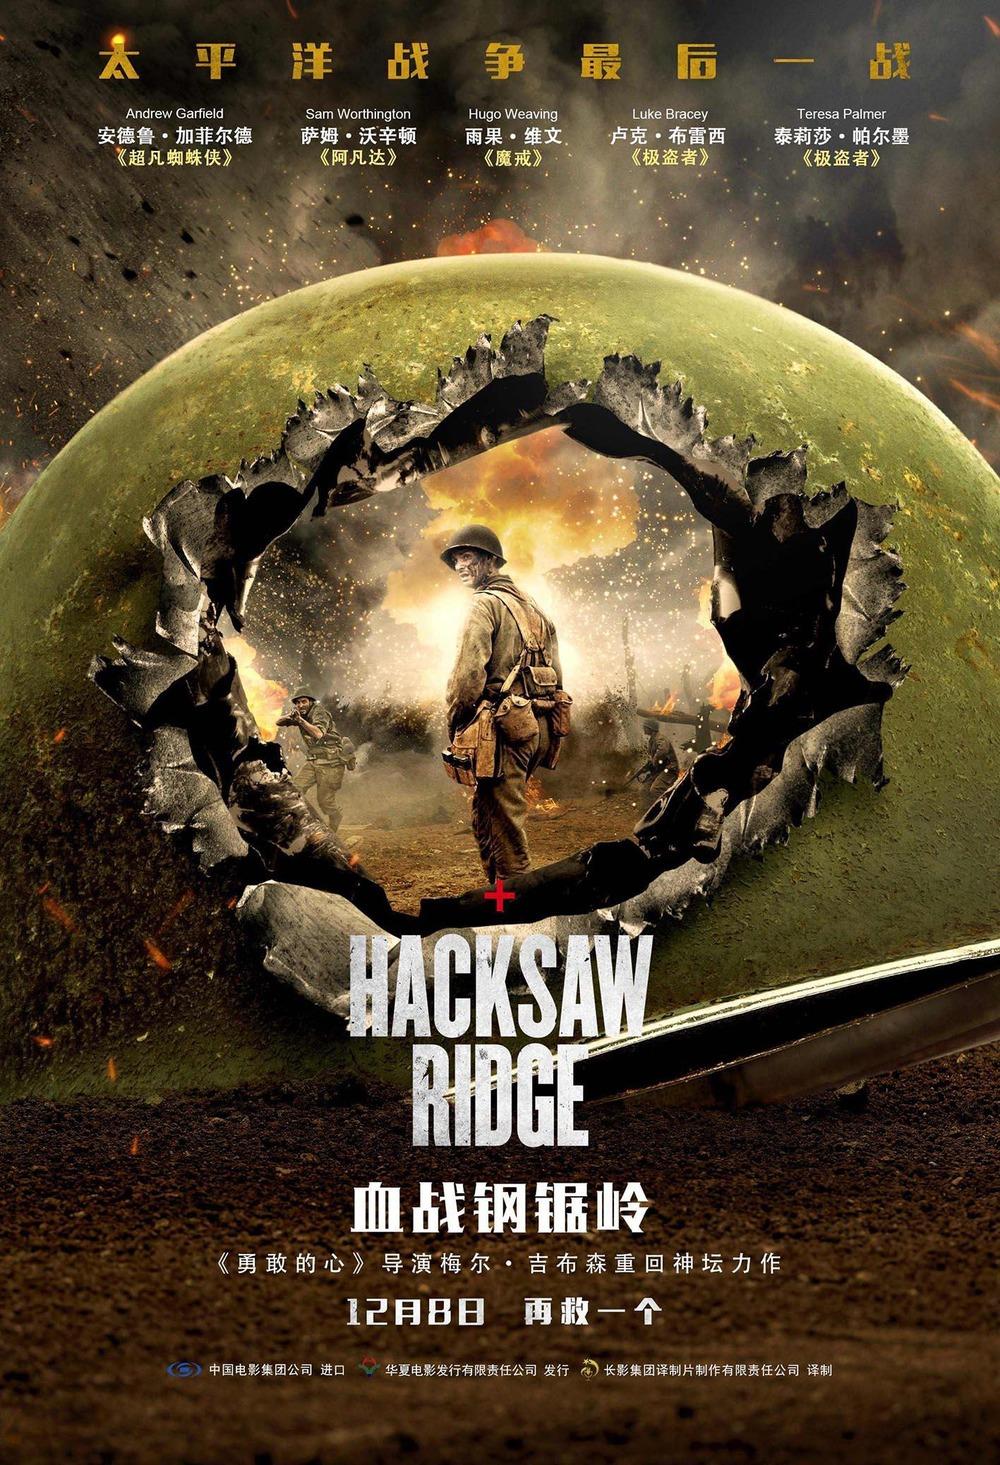 Hacksaw Ridge Movie4k